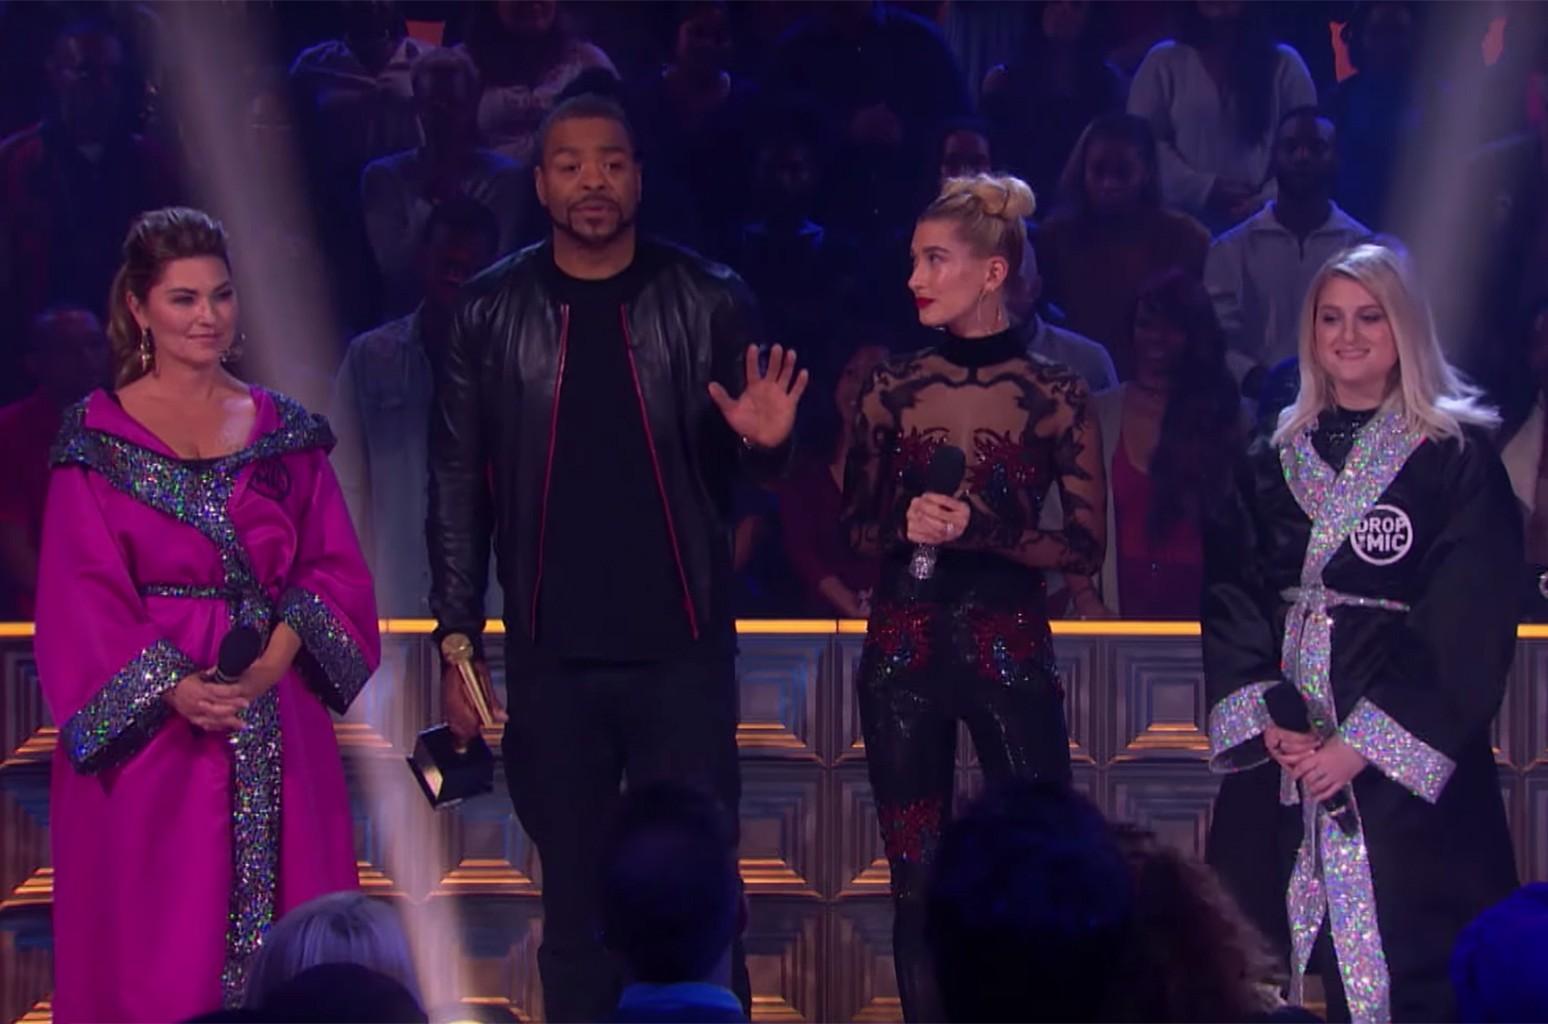 Shania Twain Meghan Trainor Rap Battle